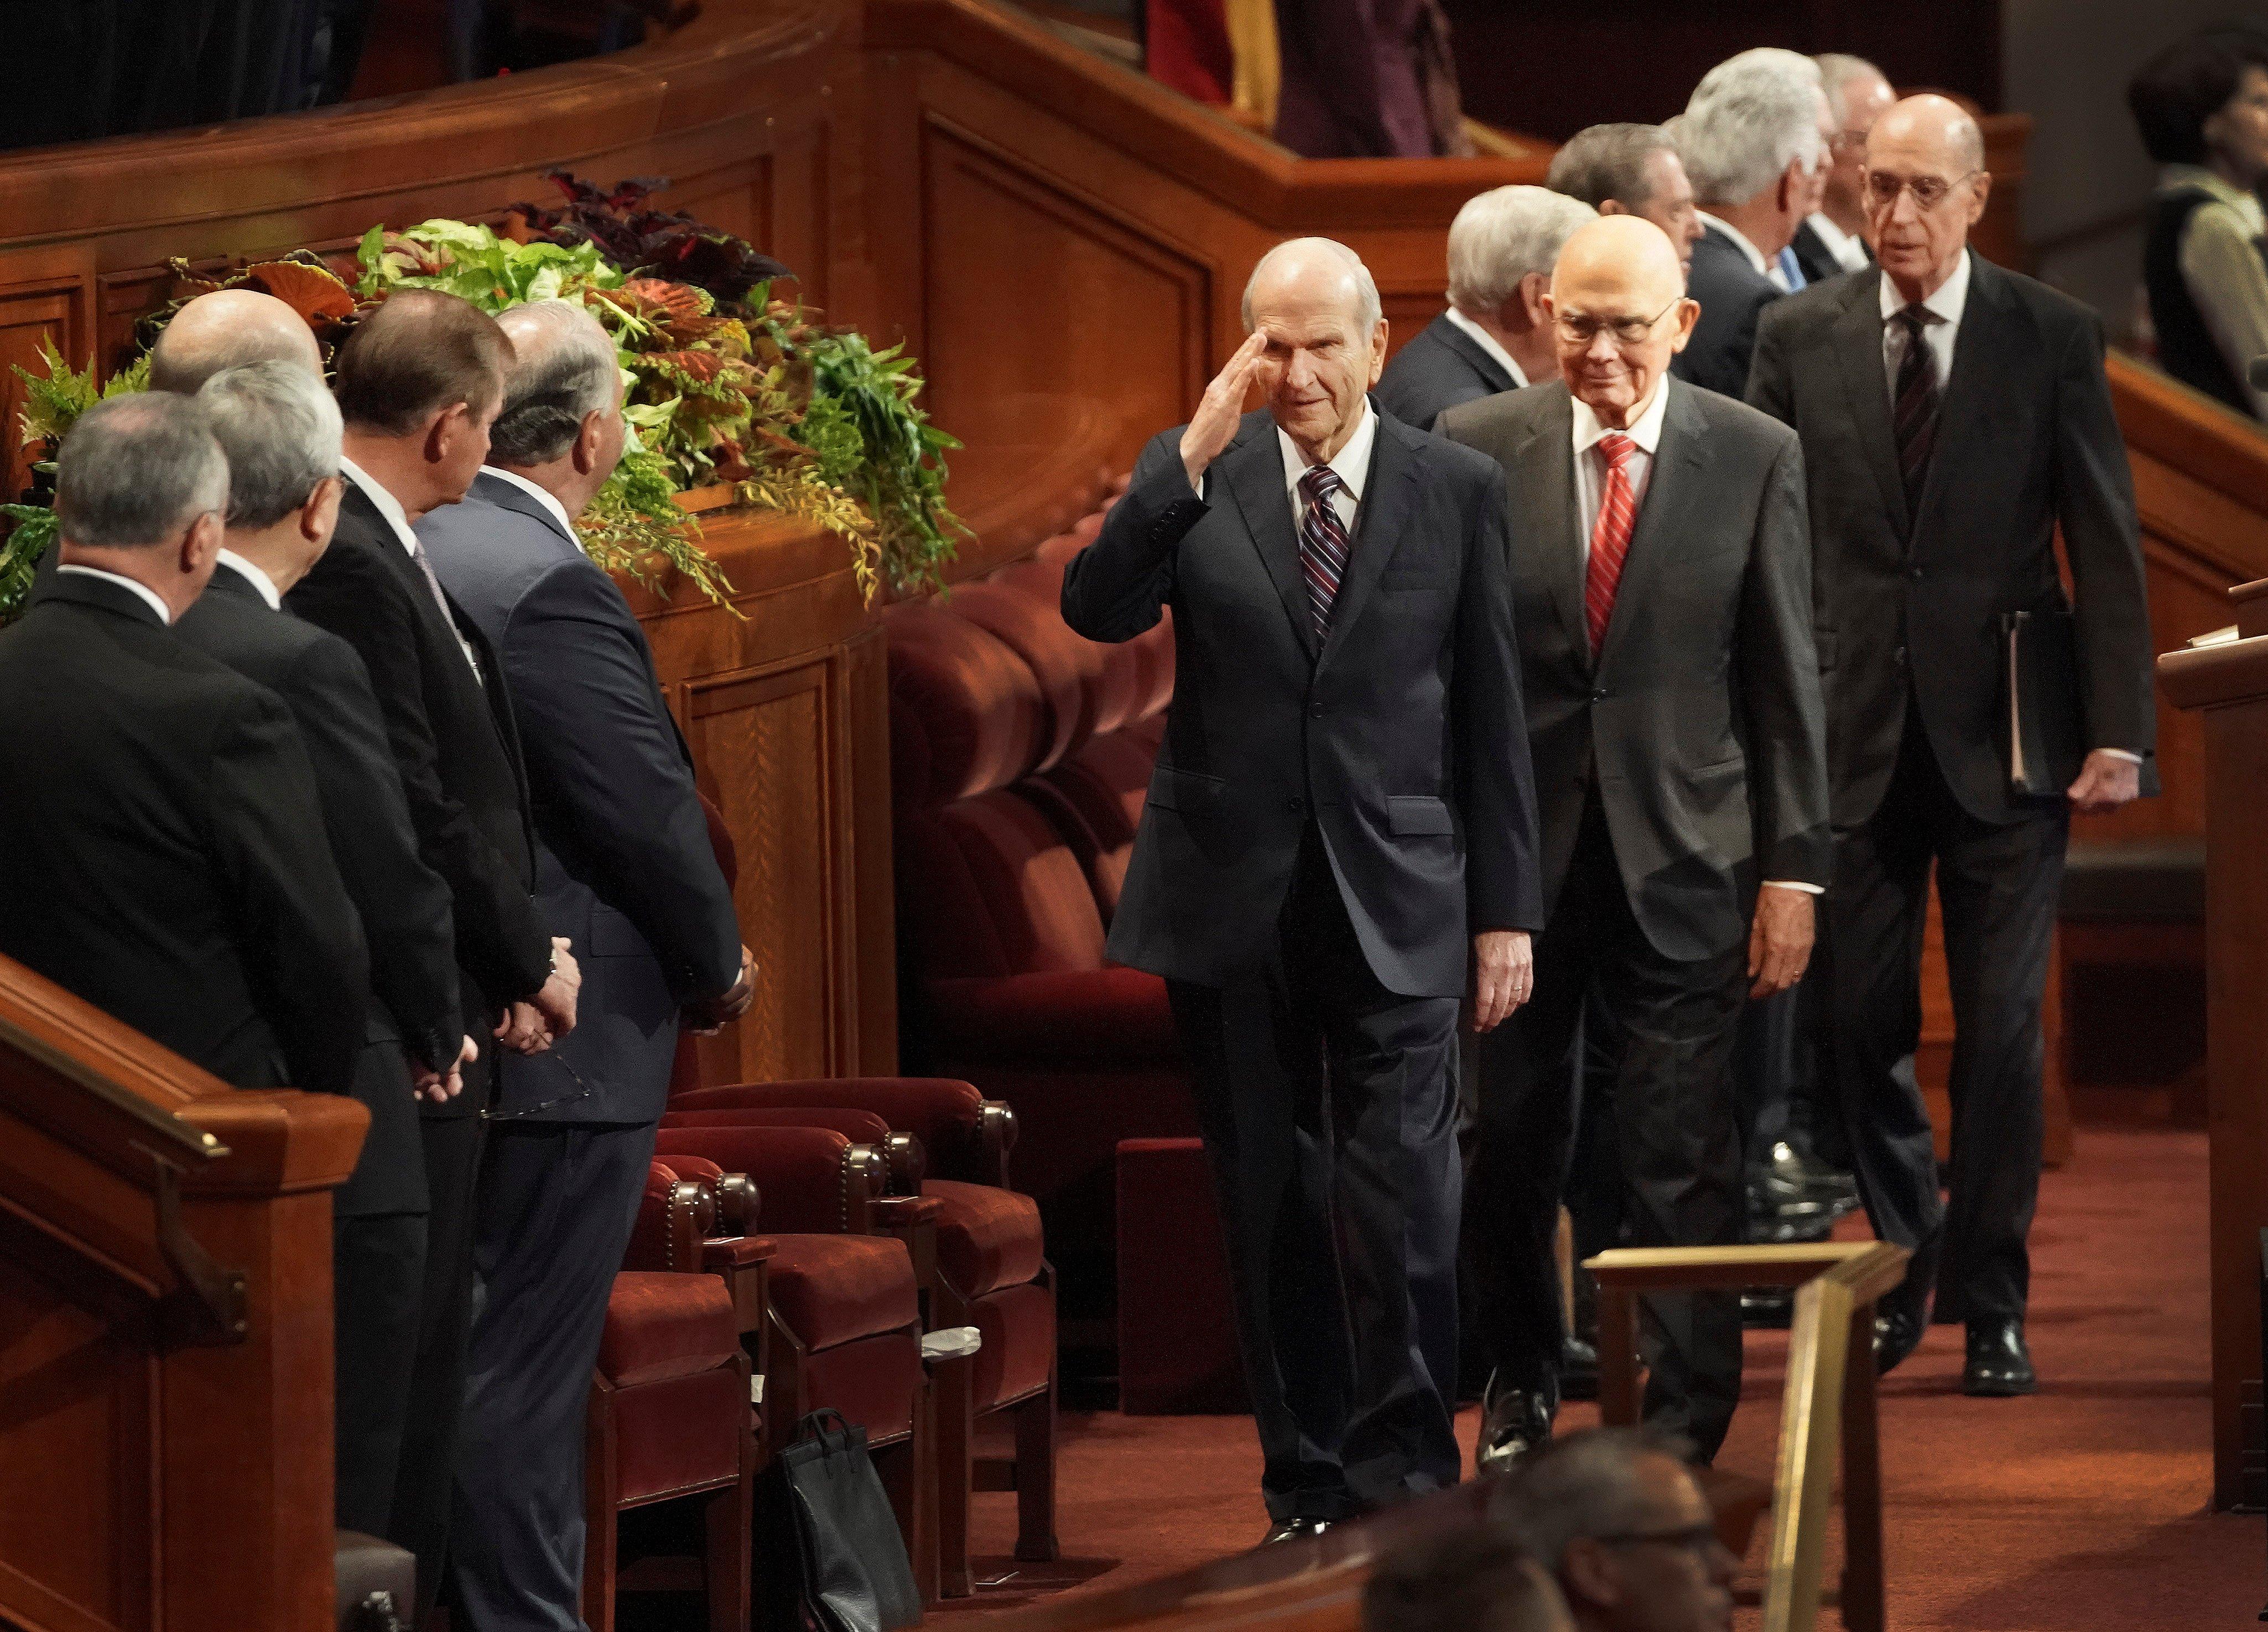 El presidente Russell M. Nelson, de La Iglesia de Jesucristo de los Santos de los Últimos Días, saluda a las autoridades generales al entrar al Centro de Conferencias antes de la sesión matutina del sábado de la Conferencia General Semestral N°189, en Salt Lake City, el sábado 5 de octubre de 2019.